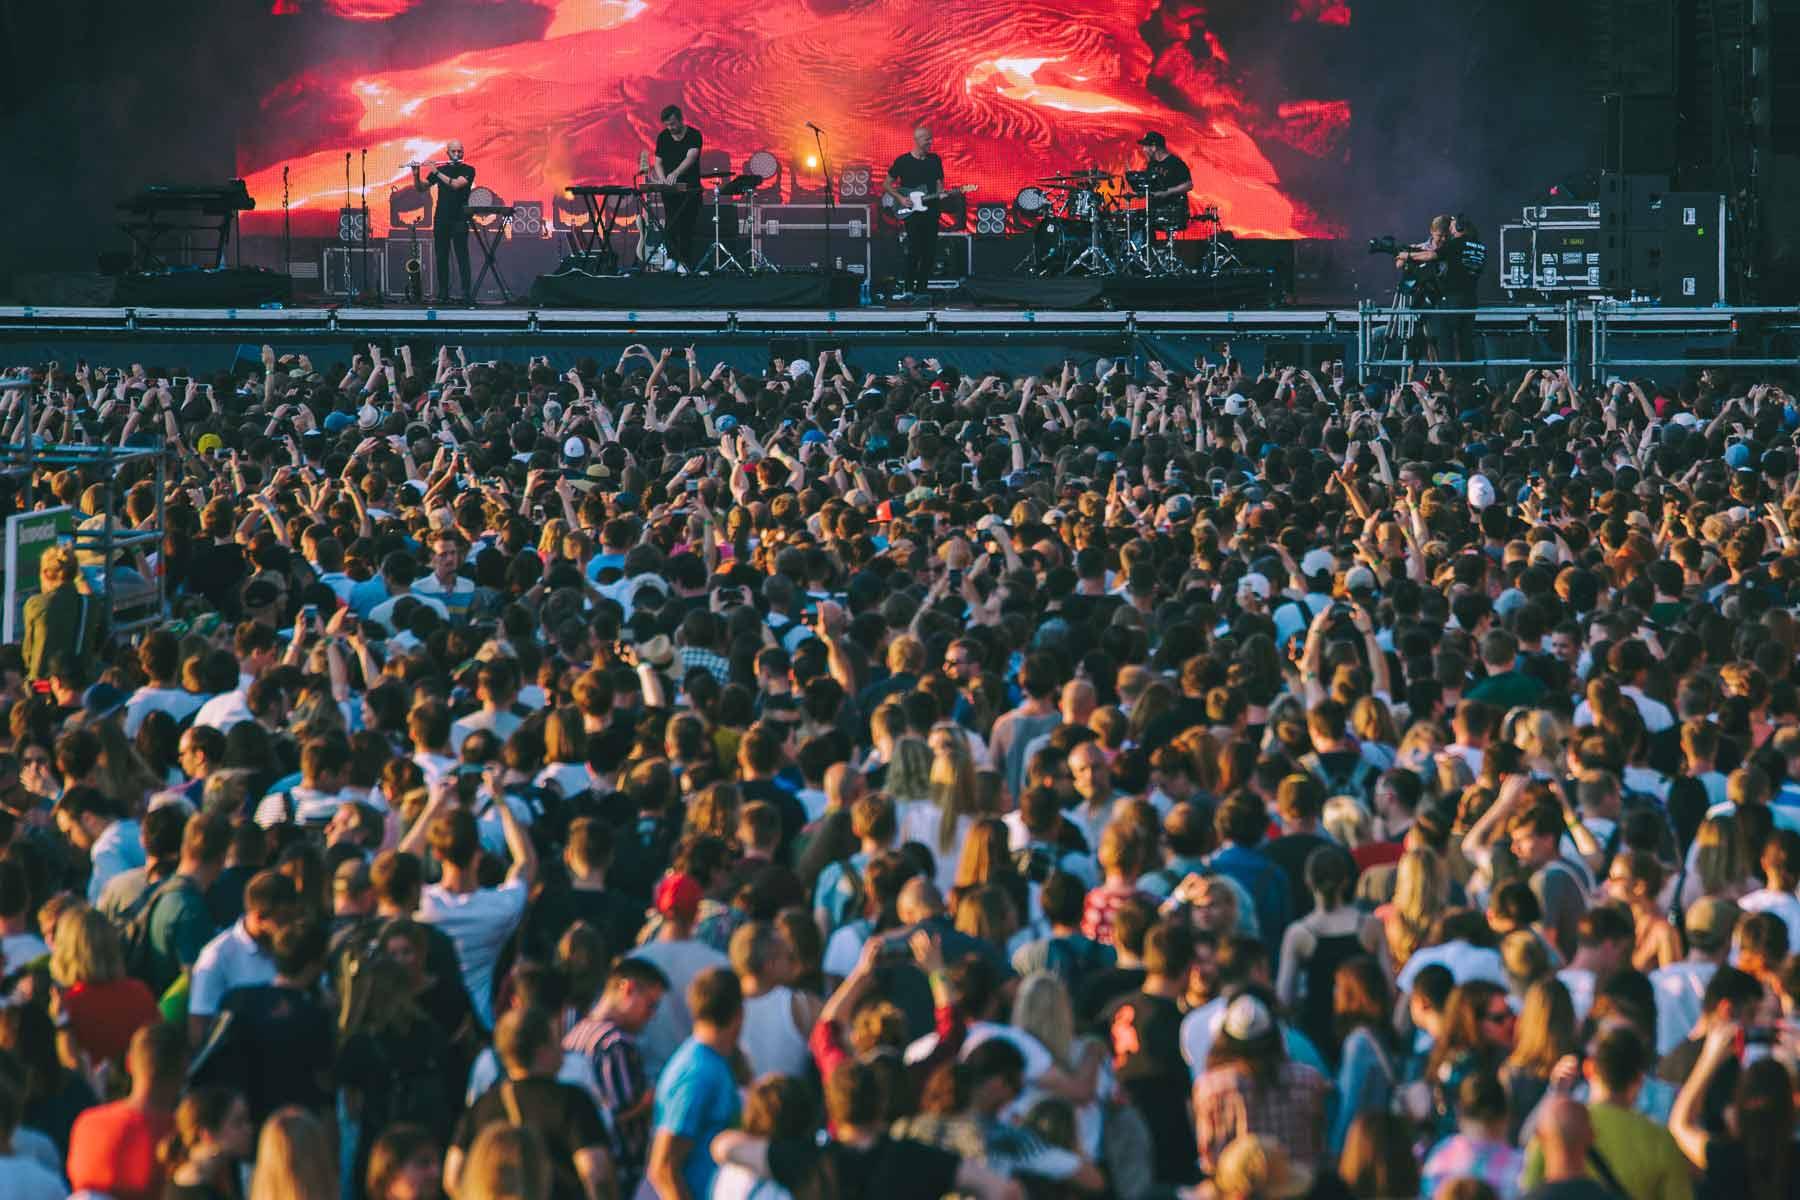 Фестиваль Park Live с 12 по 14 июля 2019 года в Москве: участники фестиваля, программа